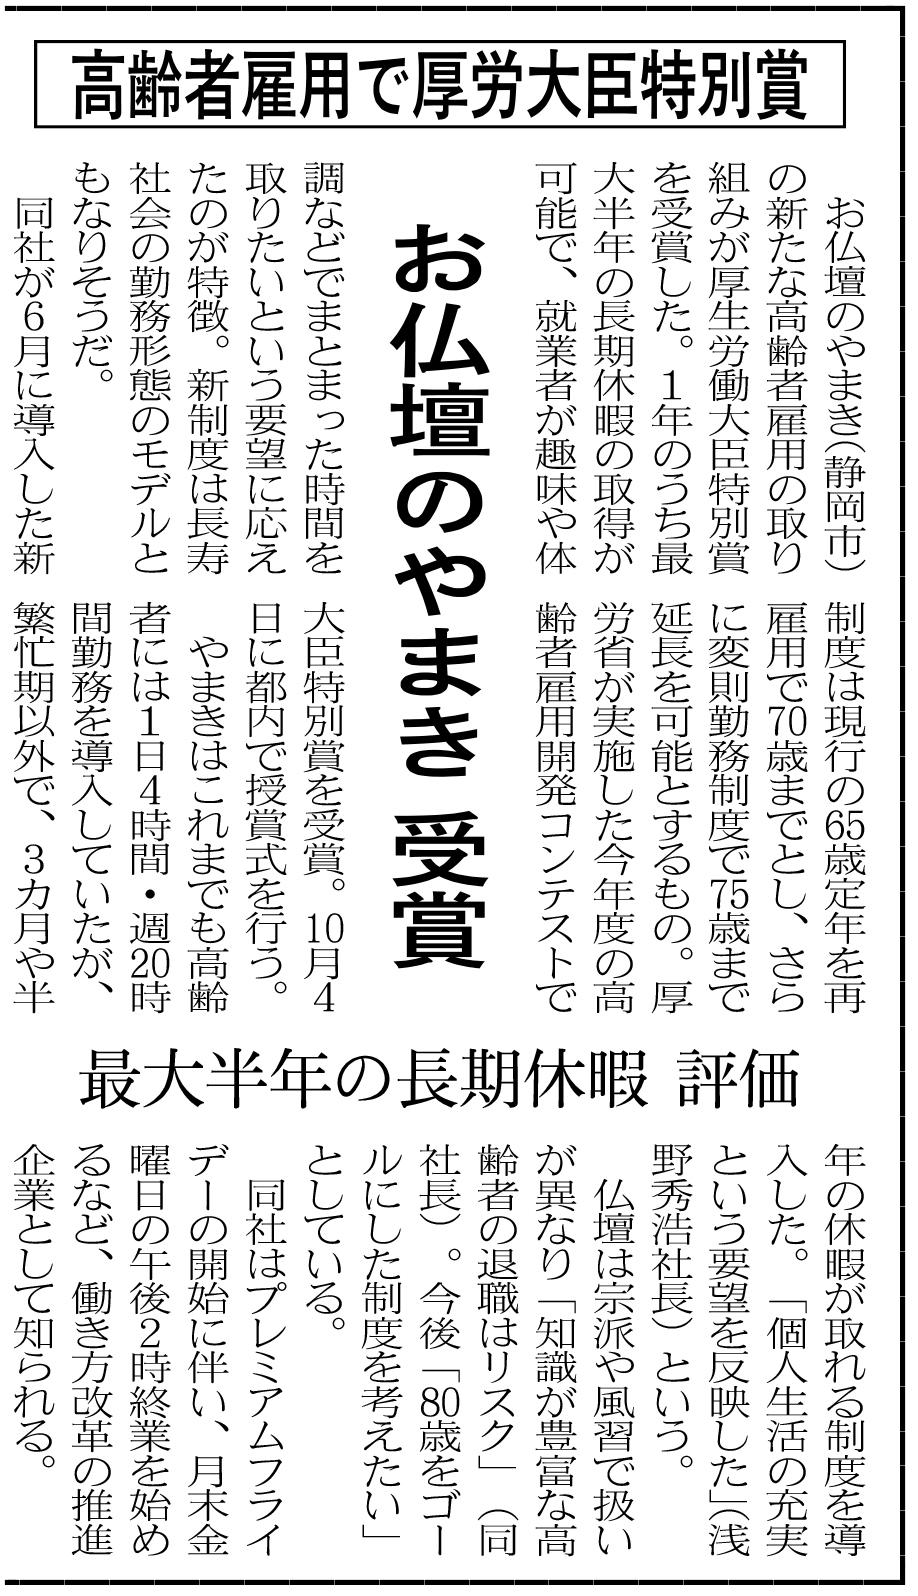 高齢者雇用で厚労大臣特別賞 (1)